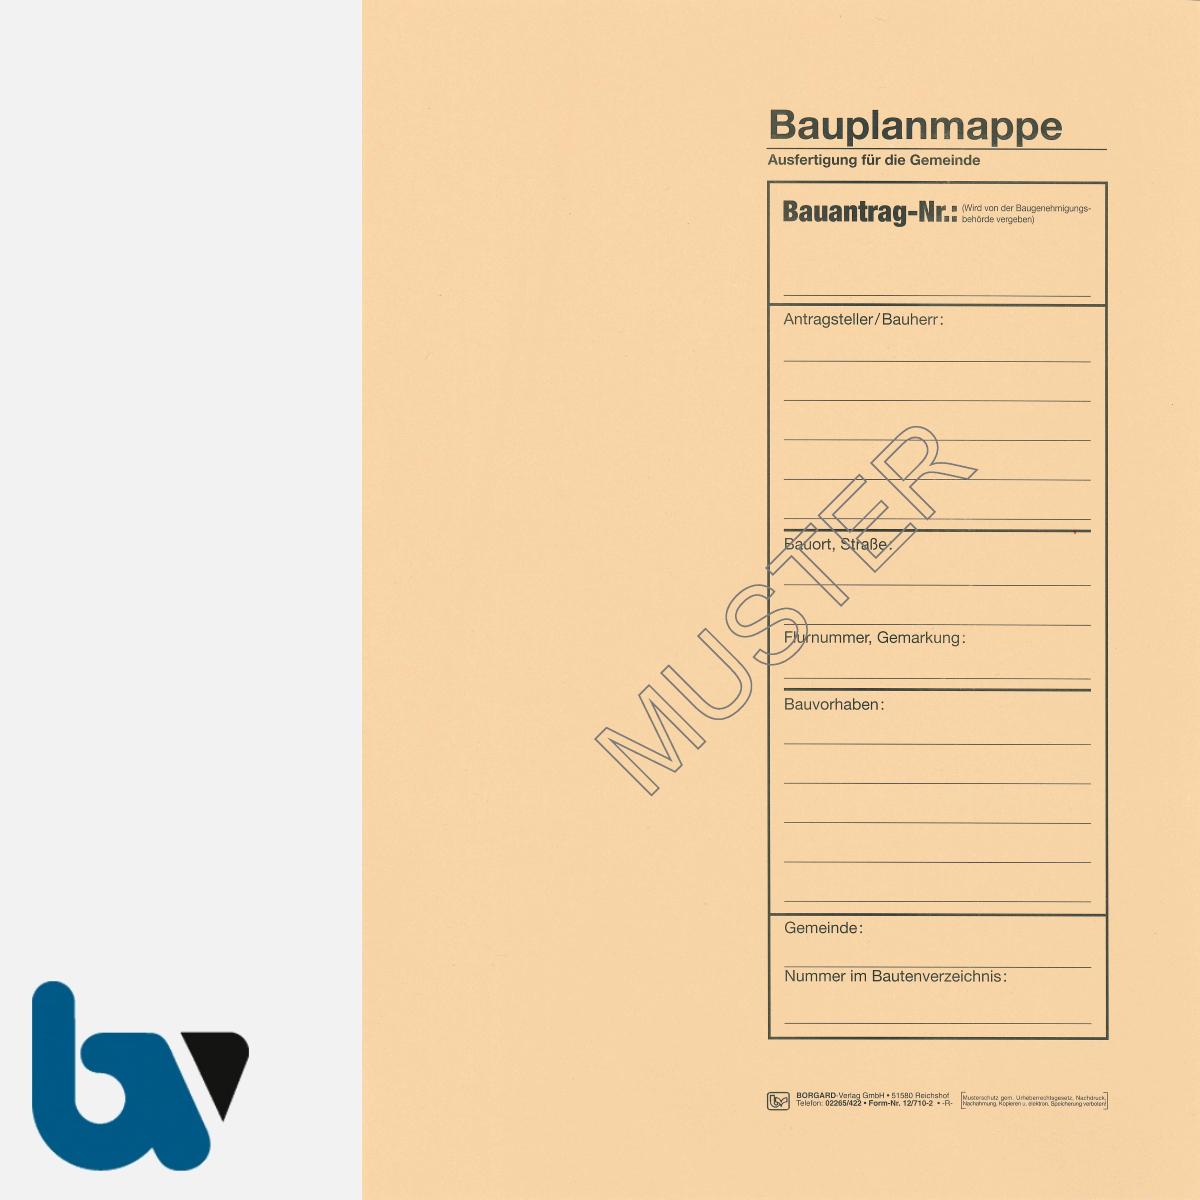 12/710-2 Bauplanmappe Ausfertigung Gemeinde Karton chamois Einschlagdeckel Dokumentenschutz Verwahrung Archivierung DIN C4 Seite 1 | Borgard Verlag GmbH